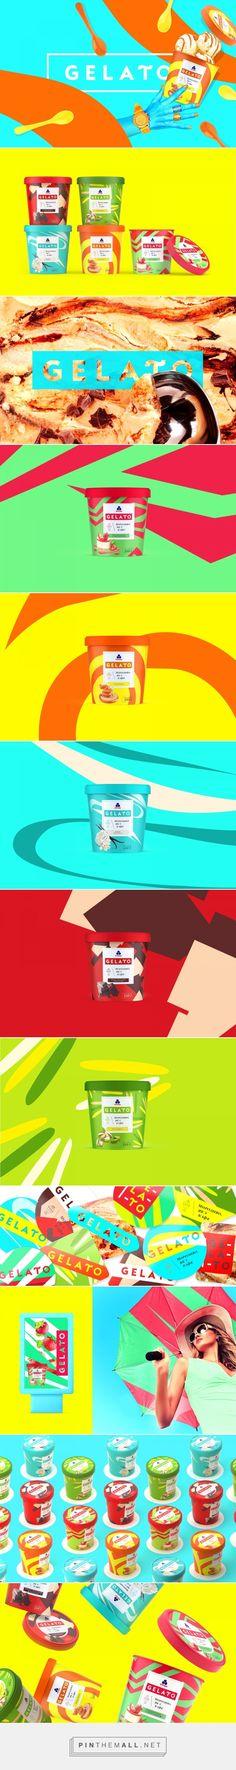 'Gelato' Ice Cream